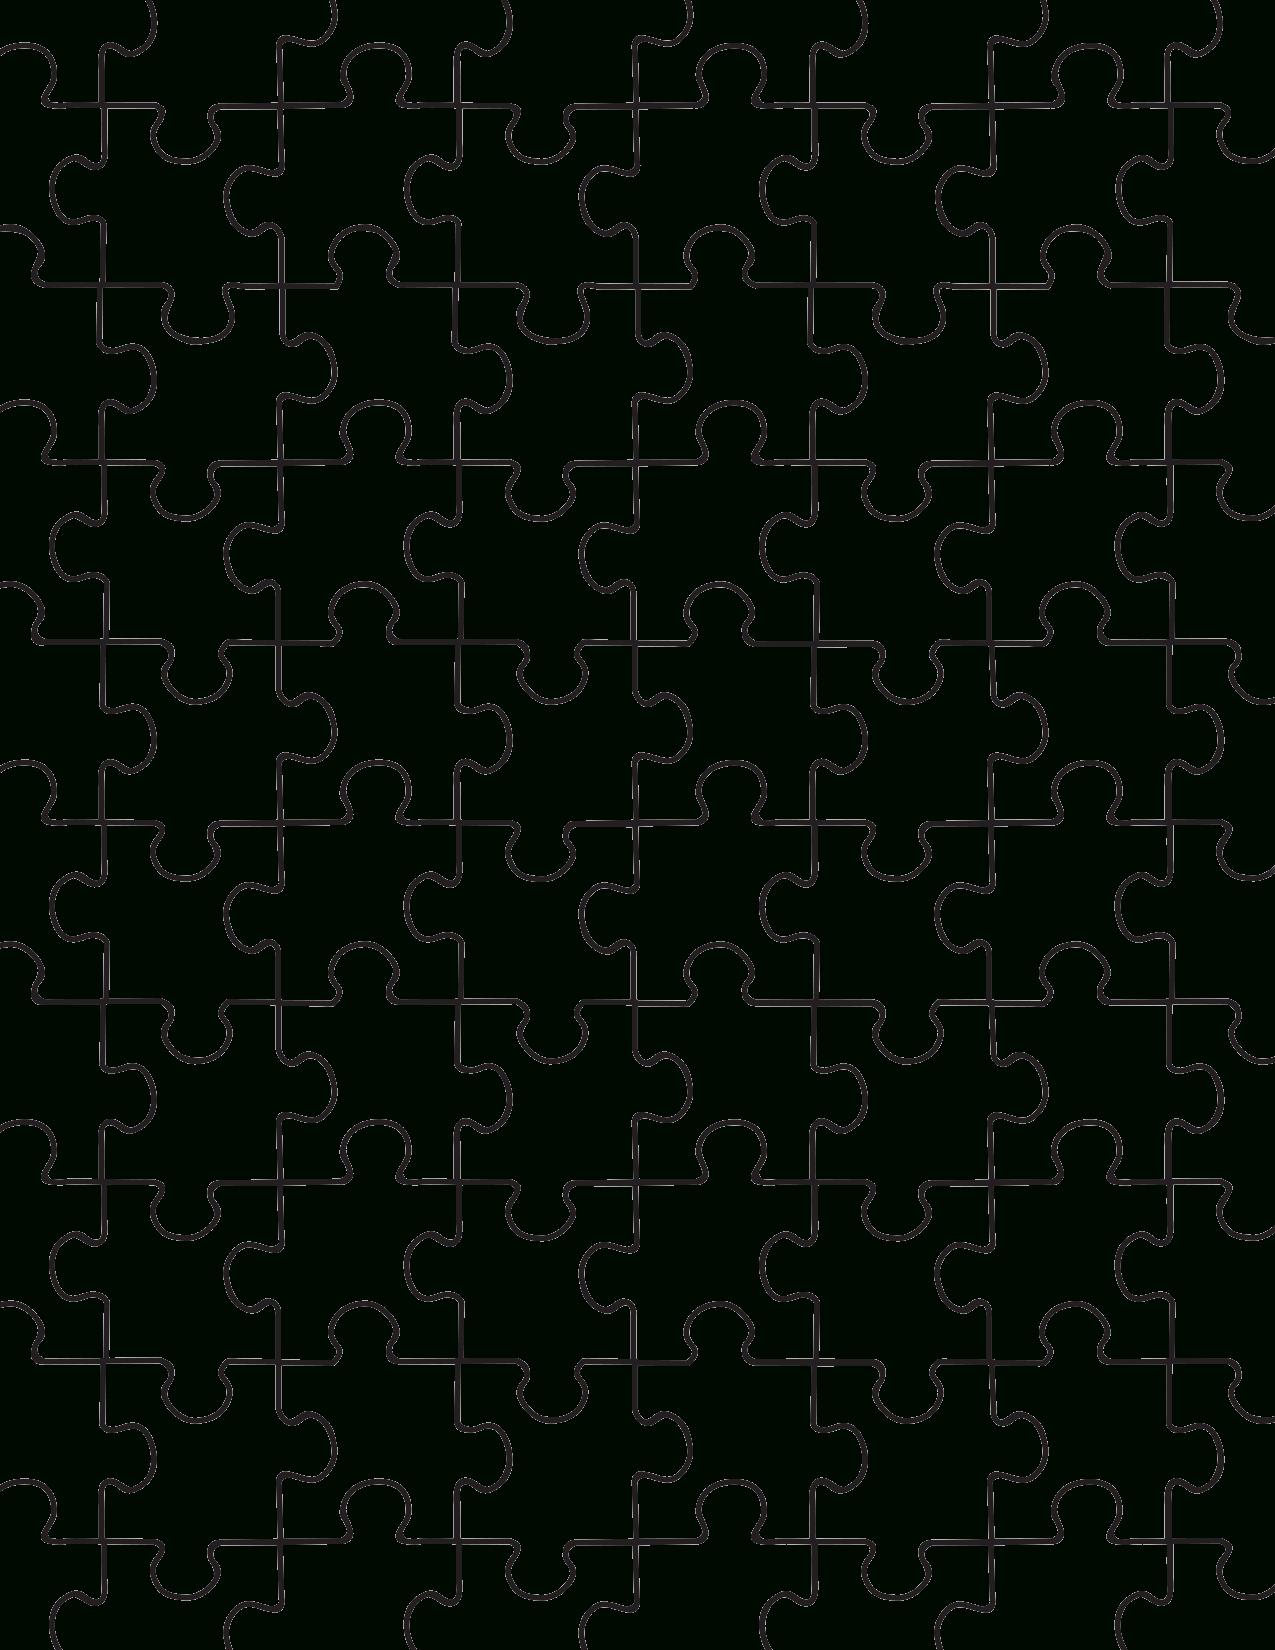 Printable Puzzle Pieces Template   Decor   Puzzle Piece Template - Printable Puzzle Jigsaw